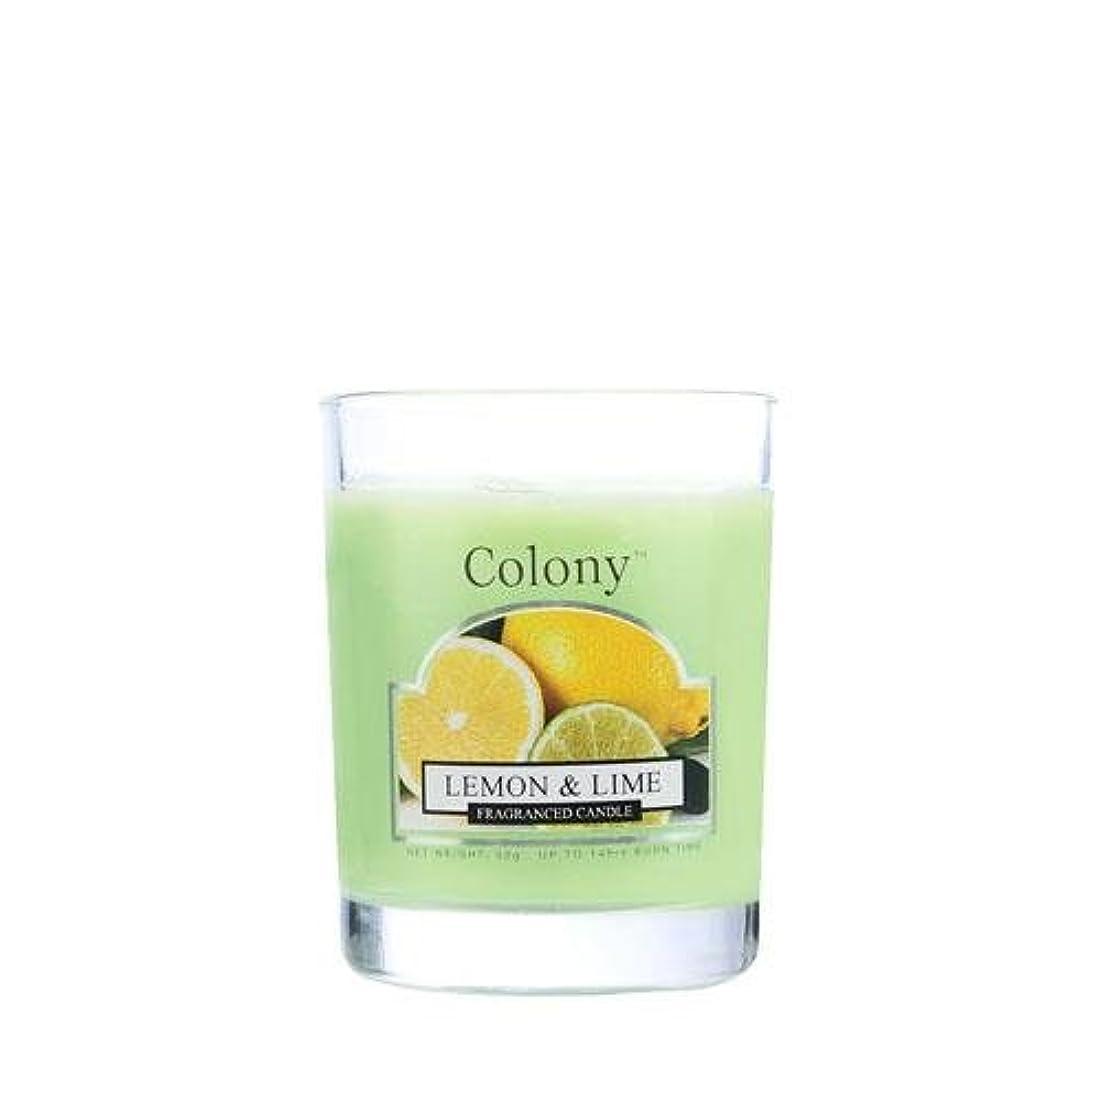 気まぐれな排気に沿ってWAX LYRICAL ENGLAND Colony HomeScents Series ミニワックスキャンドル レモン&ライム CNCH3668